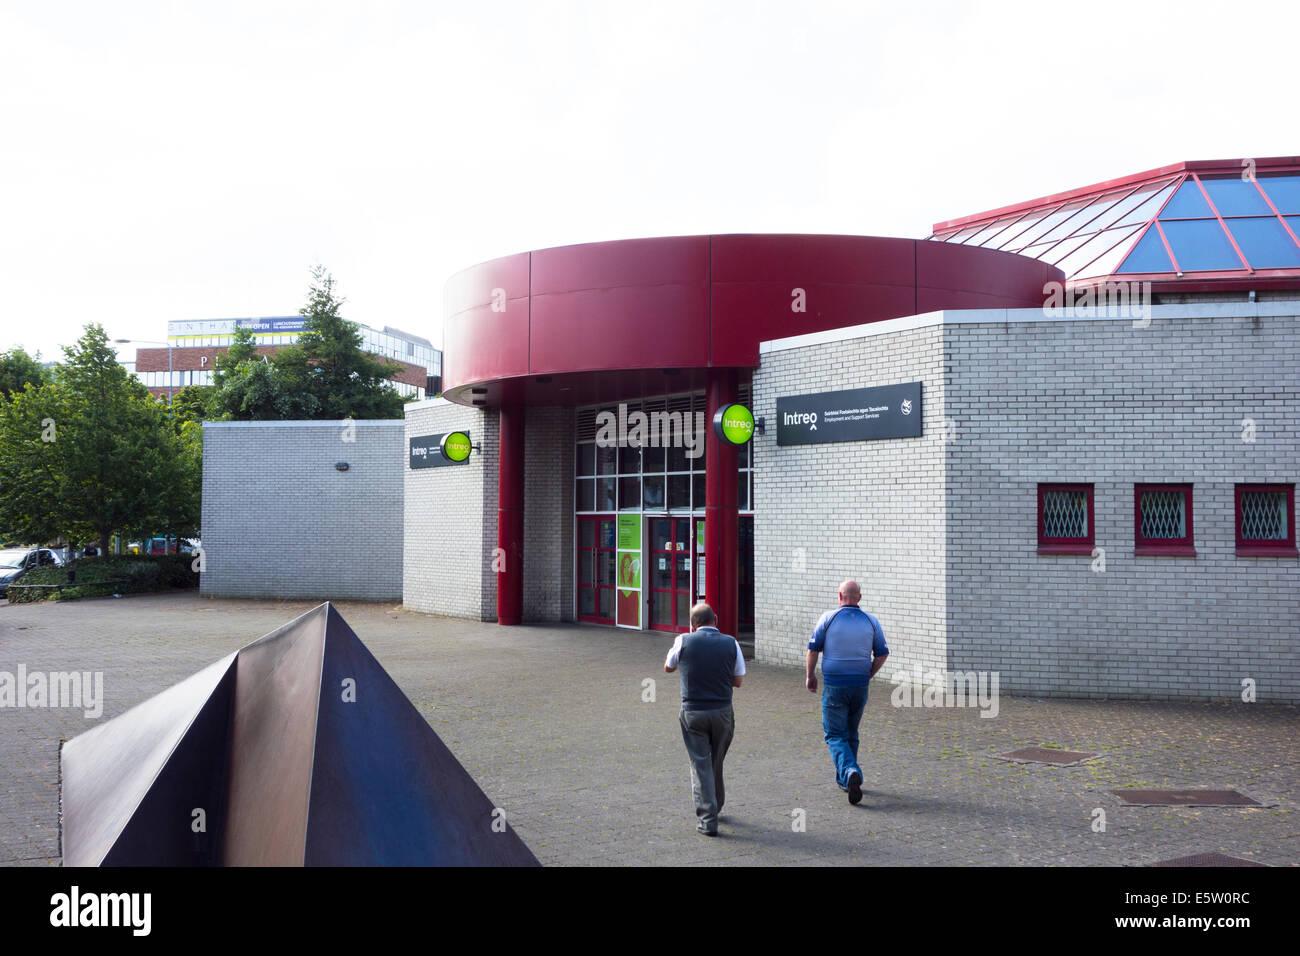 L'ingresso alla Intreo benessere sociale uffici a Tallaght, Dublino, Irlanda Immagini Stock